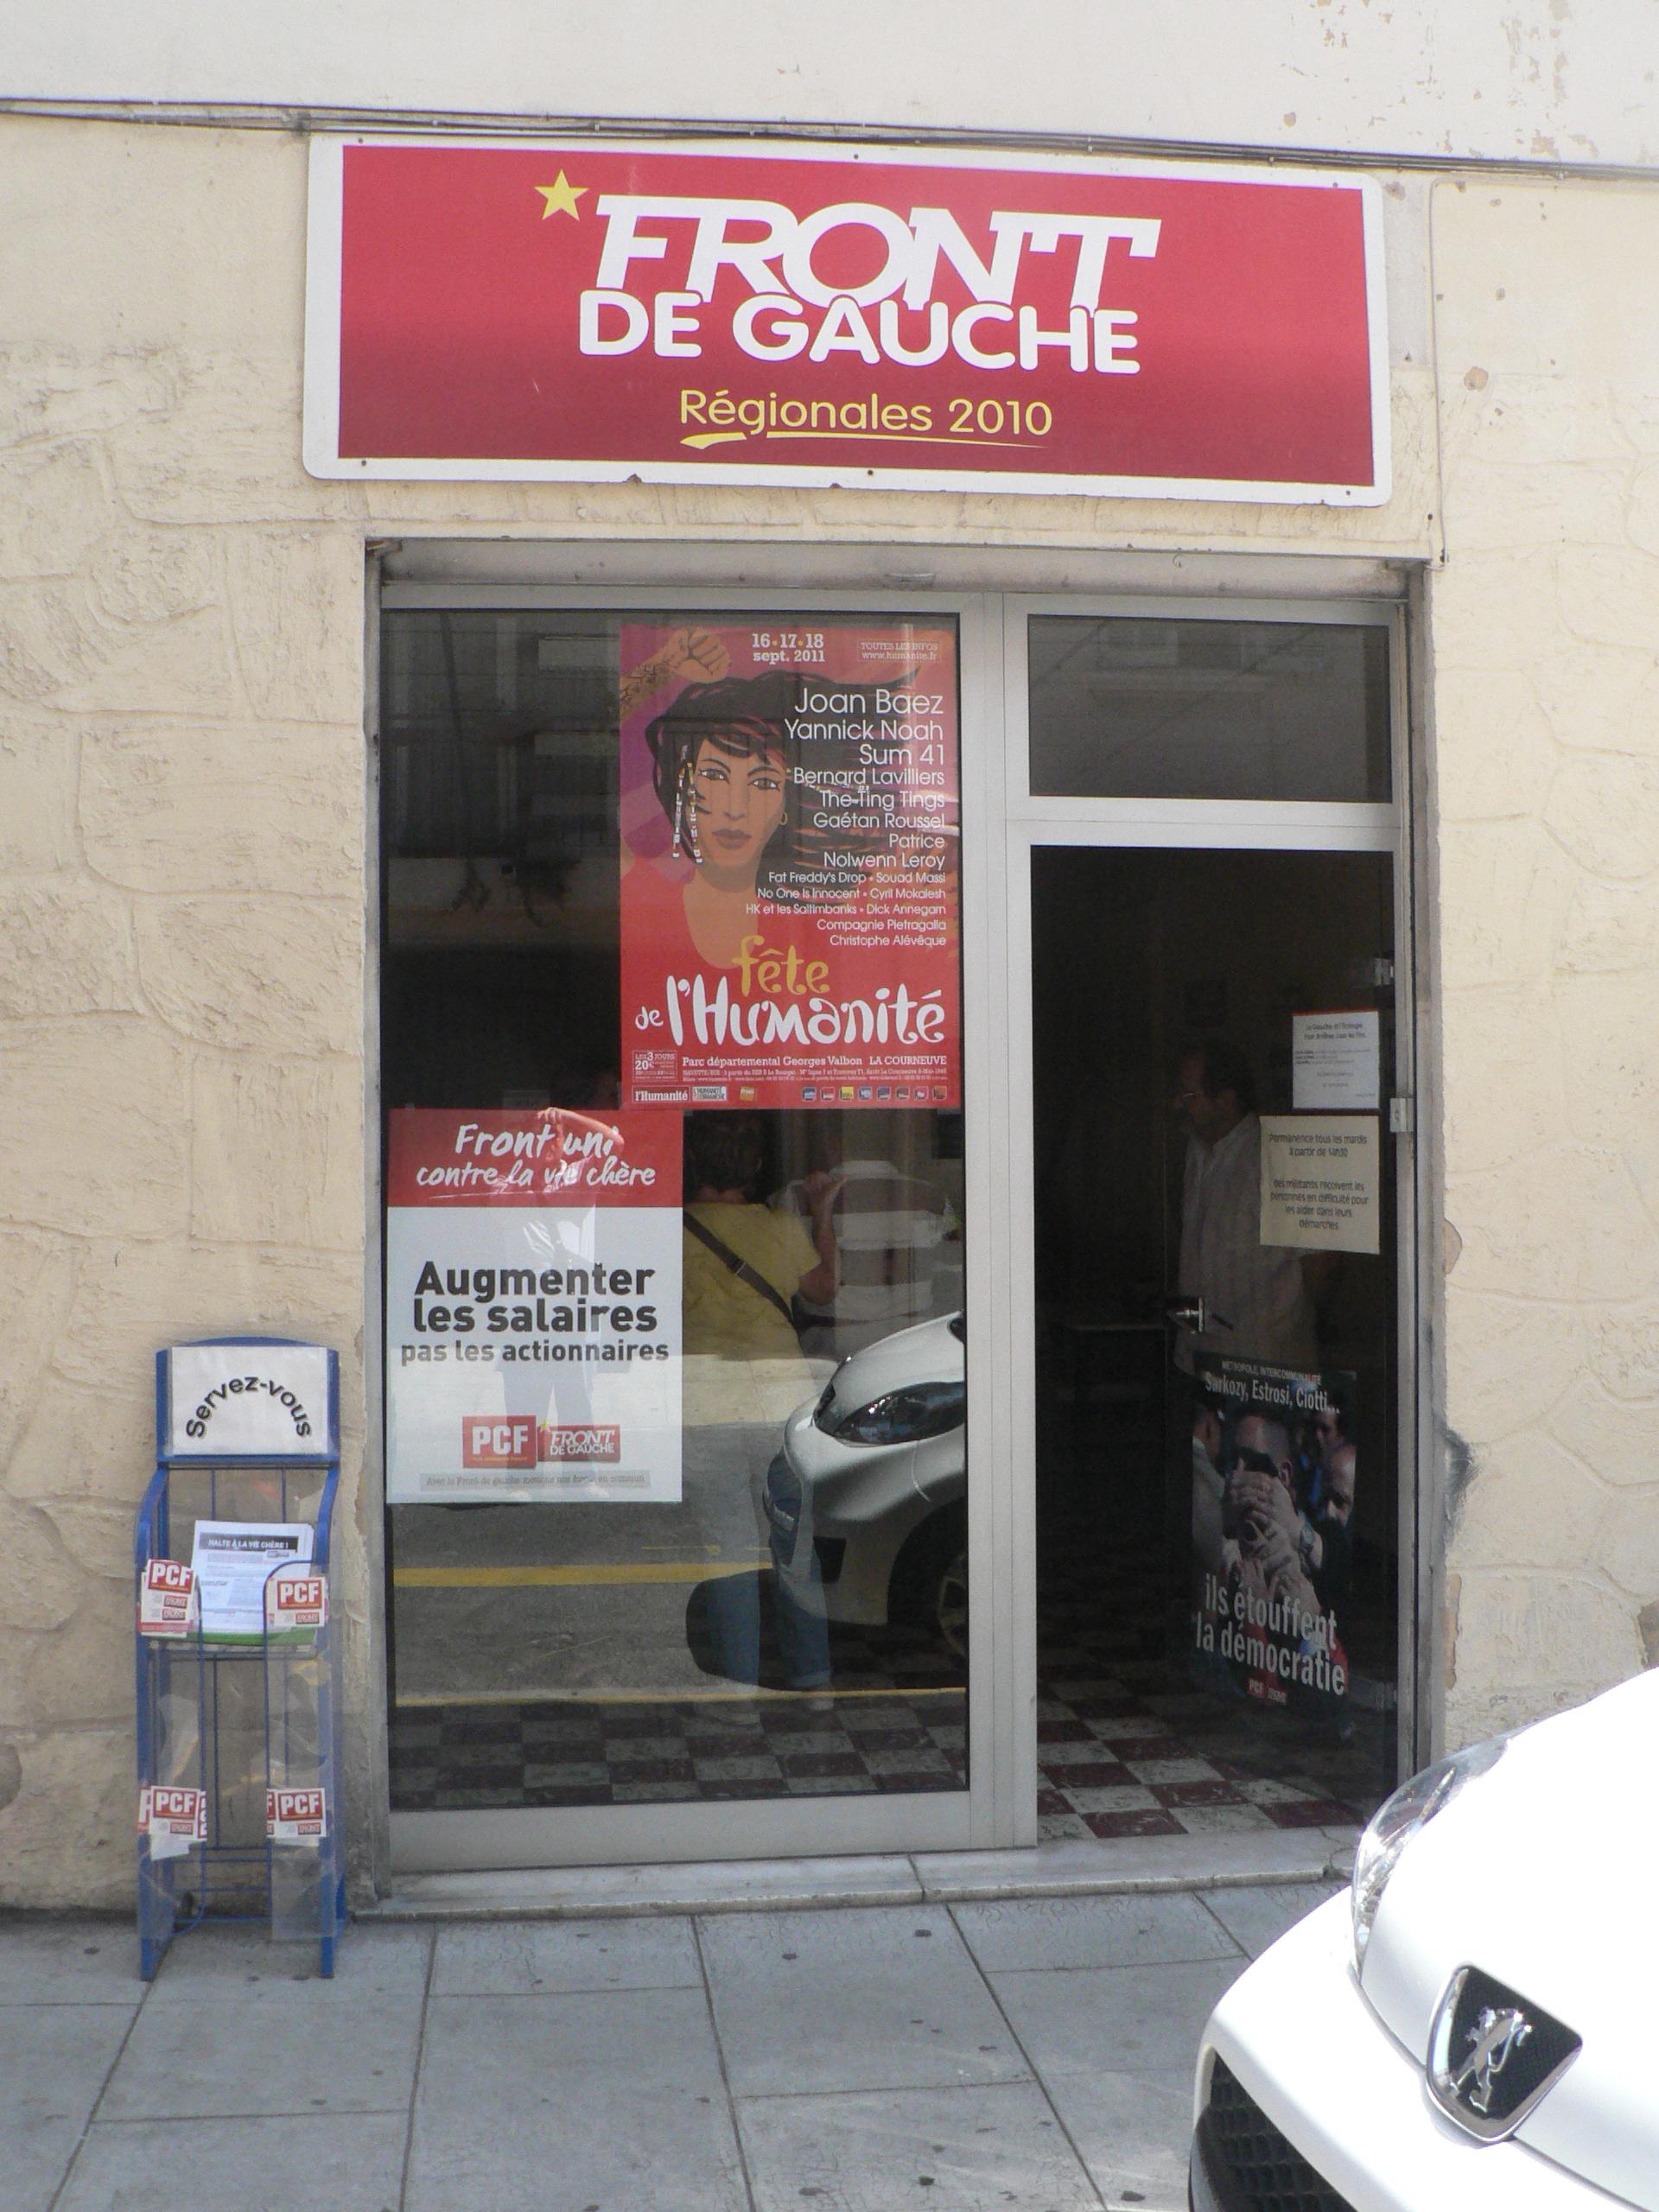 Antibes : Ambiance Front de Gauche dans la ville !